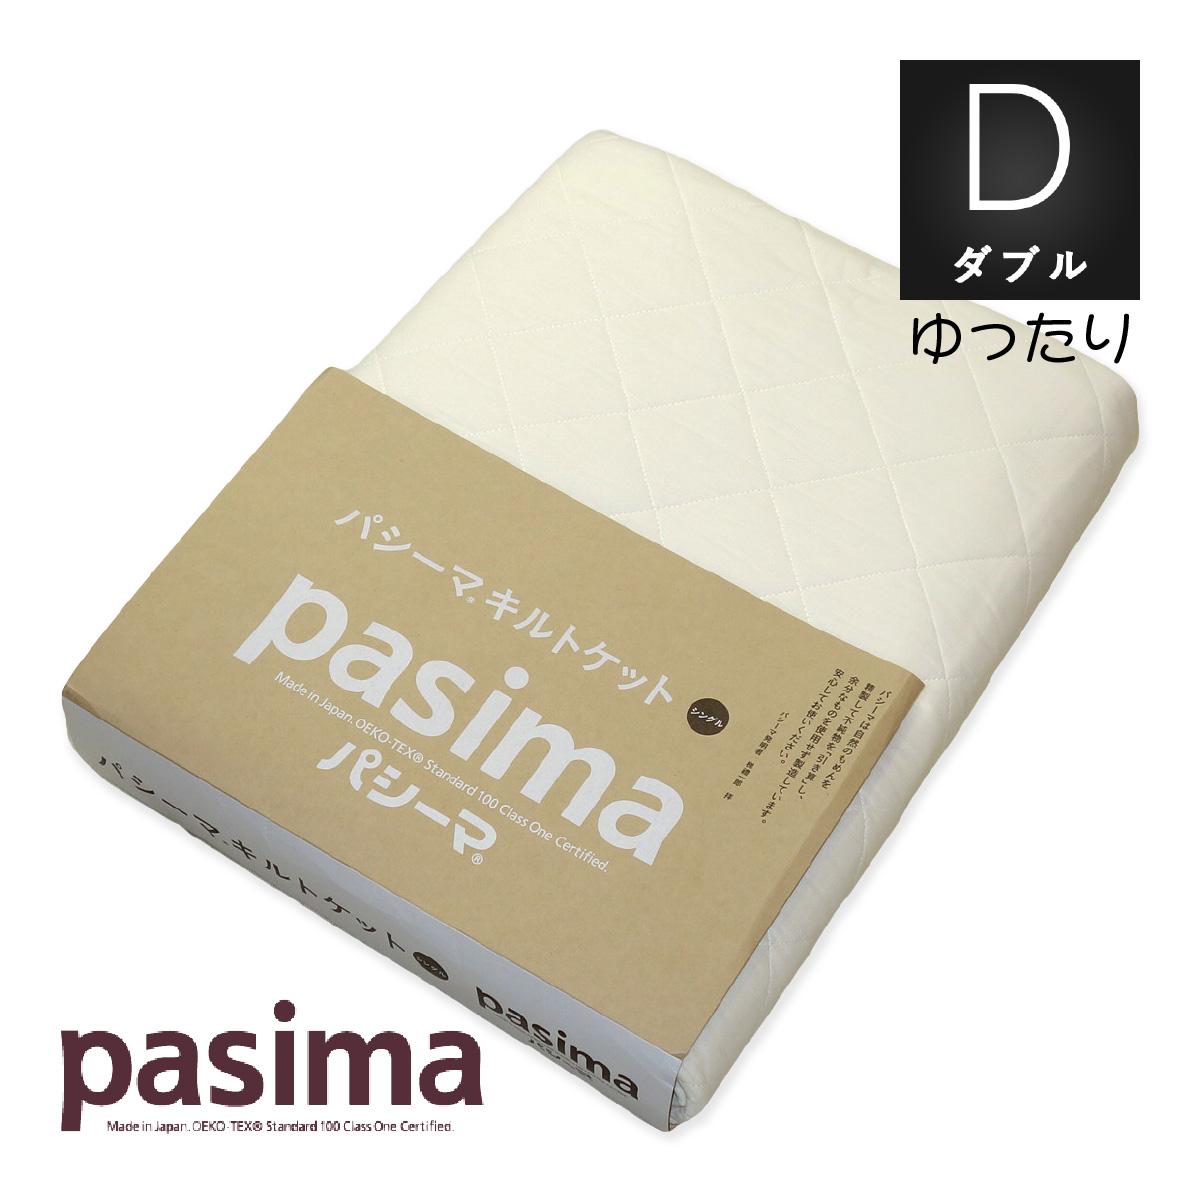 パシーマ キルトケット脱脂綿わた入り ガーゼ生地きなり ゆったりダブル 190×260cm